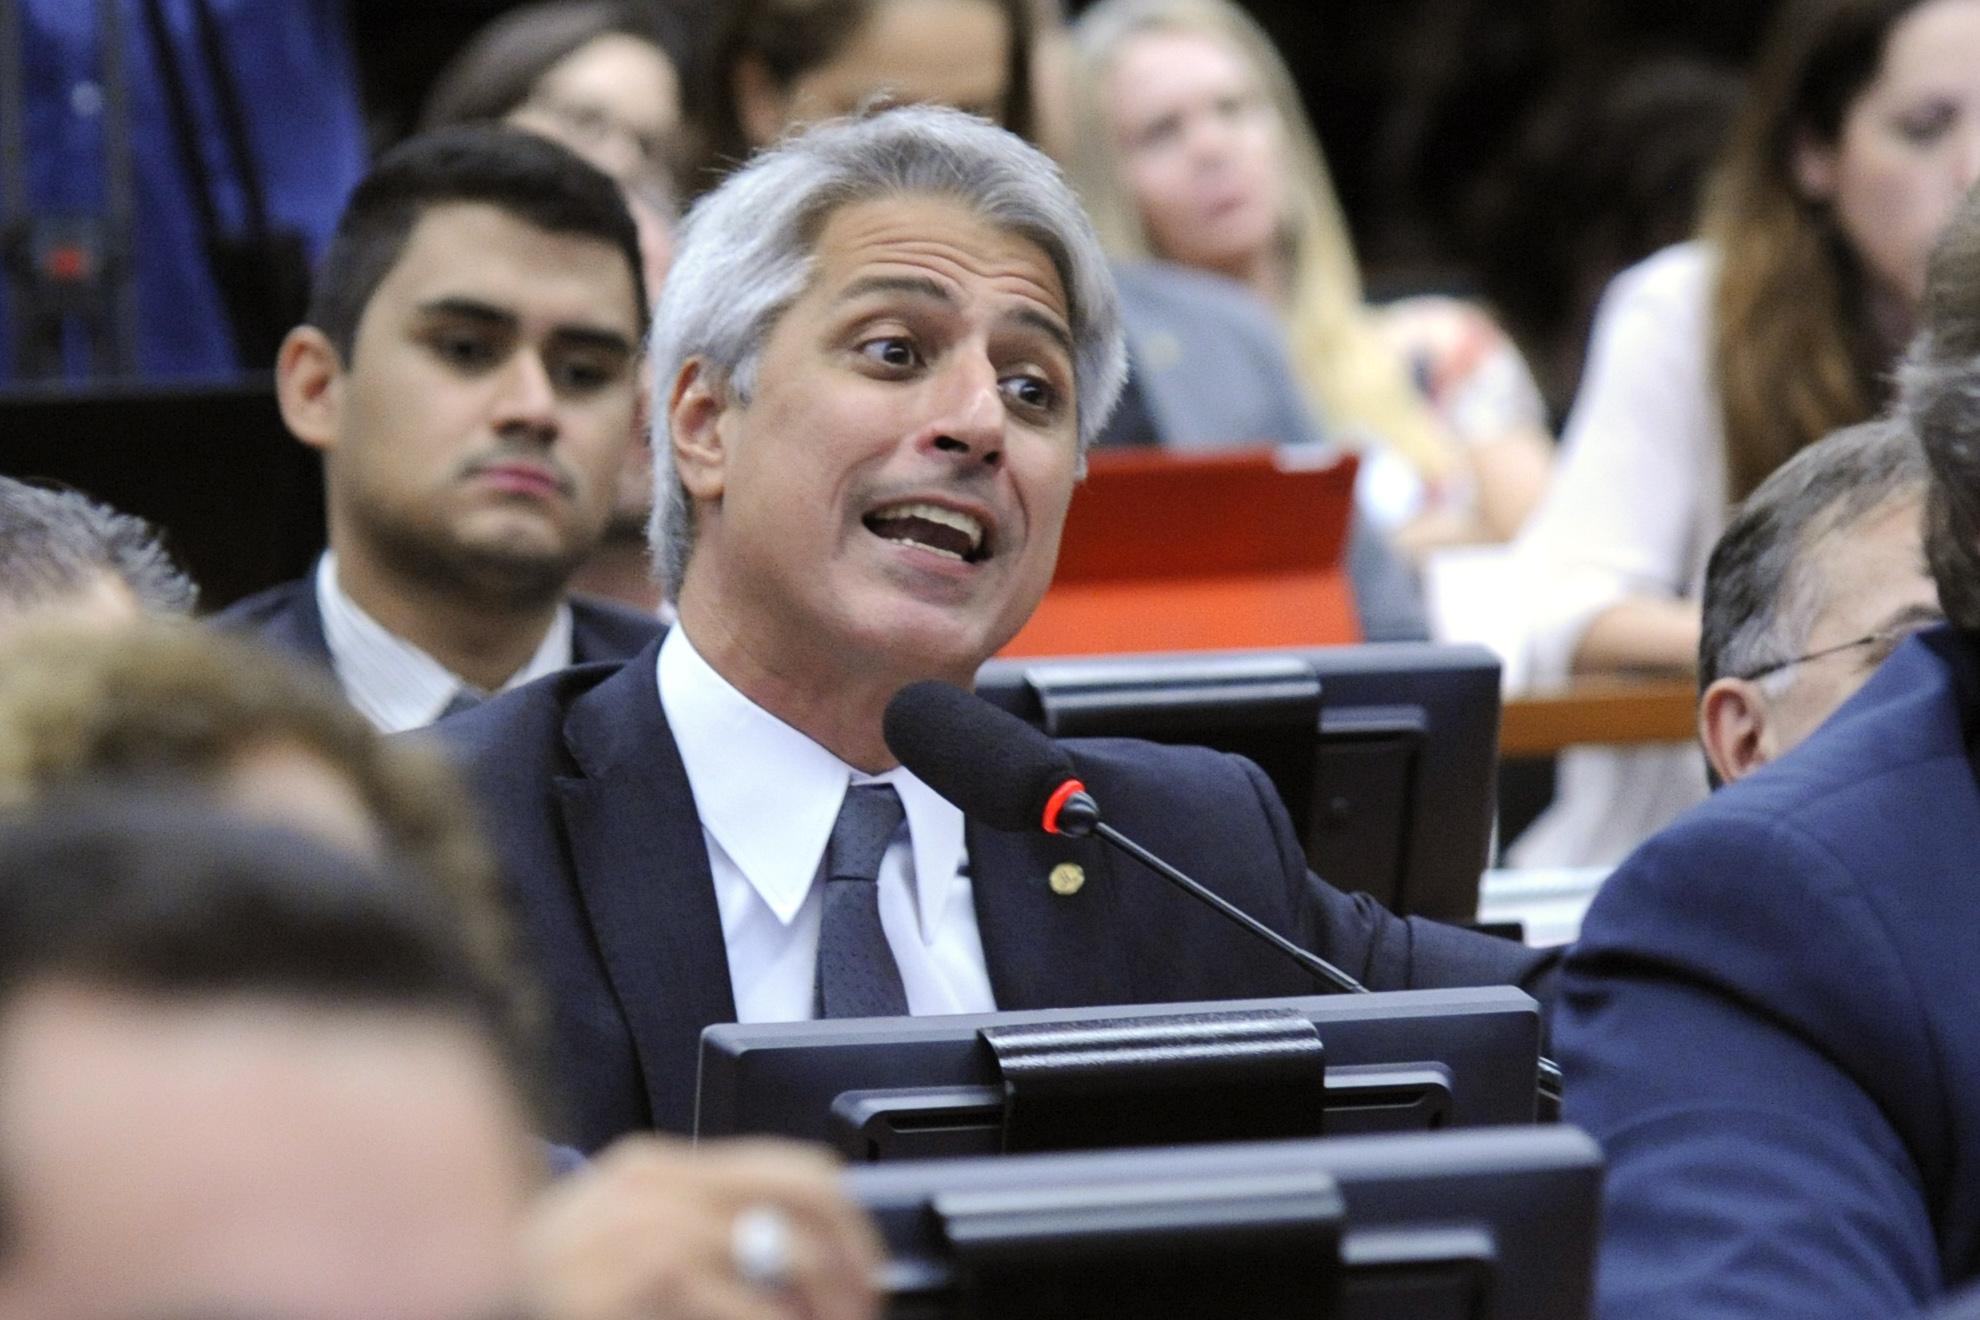 Audiência pública sobre a reforma da Previdência. Dep. Alessandro Molon (PSB - RJ)